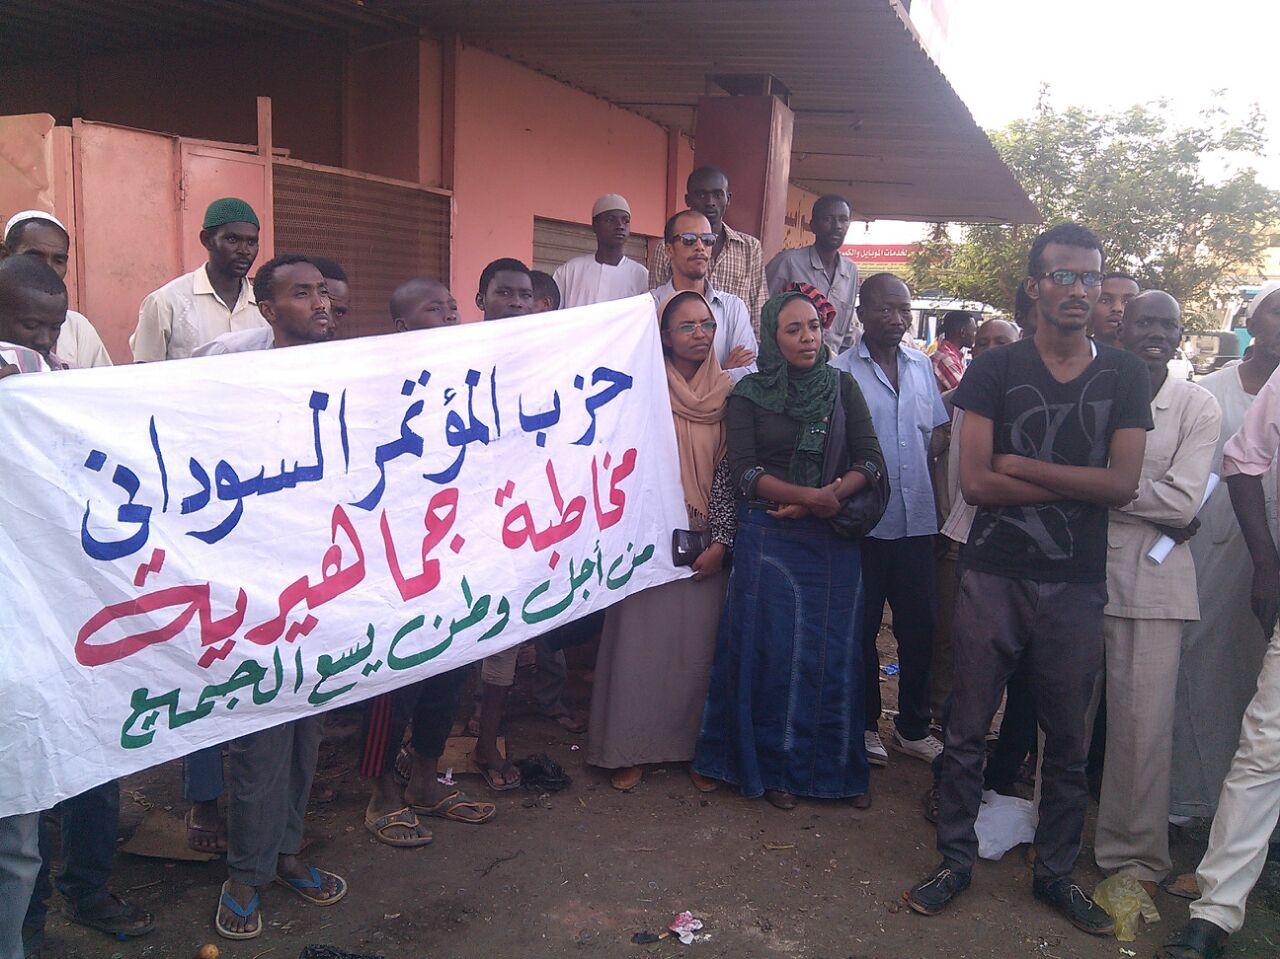 """"""" المؤتمر السوداني """" ساعي بريد.. تواصل ابتكار وسائل  المقاومة"""